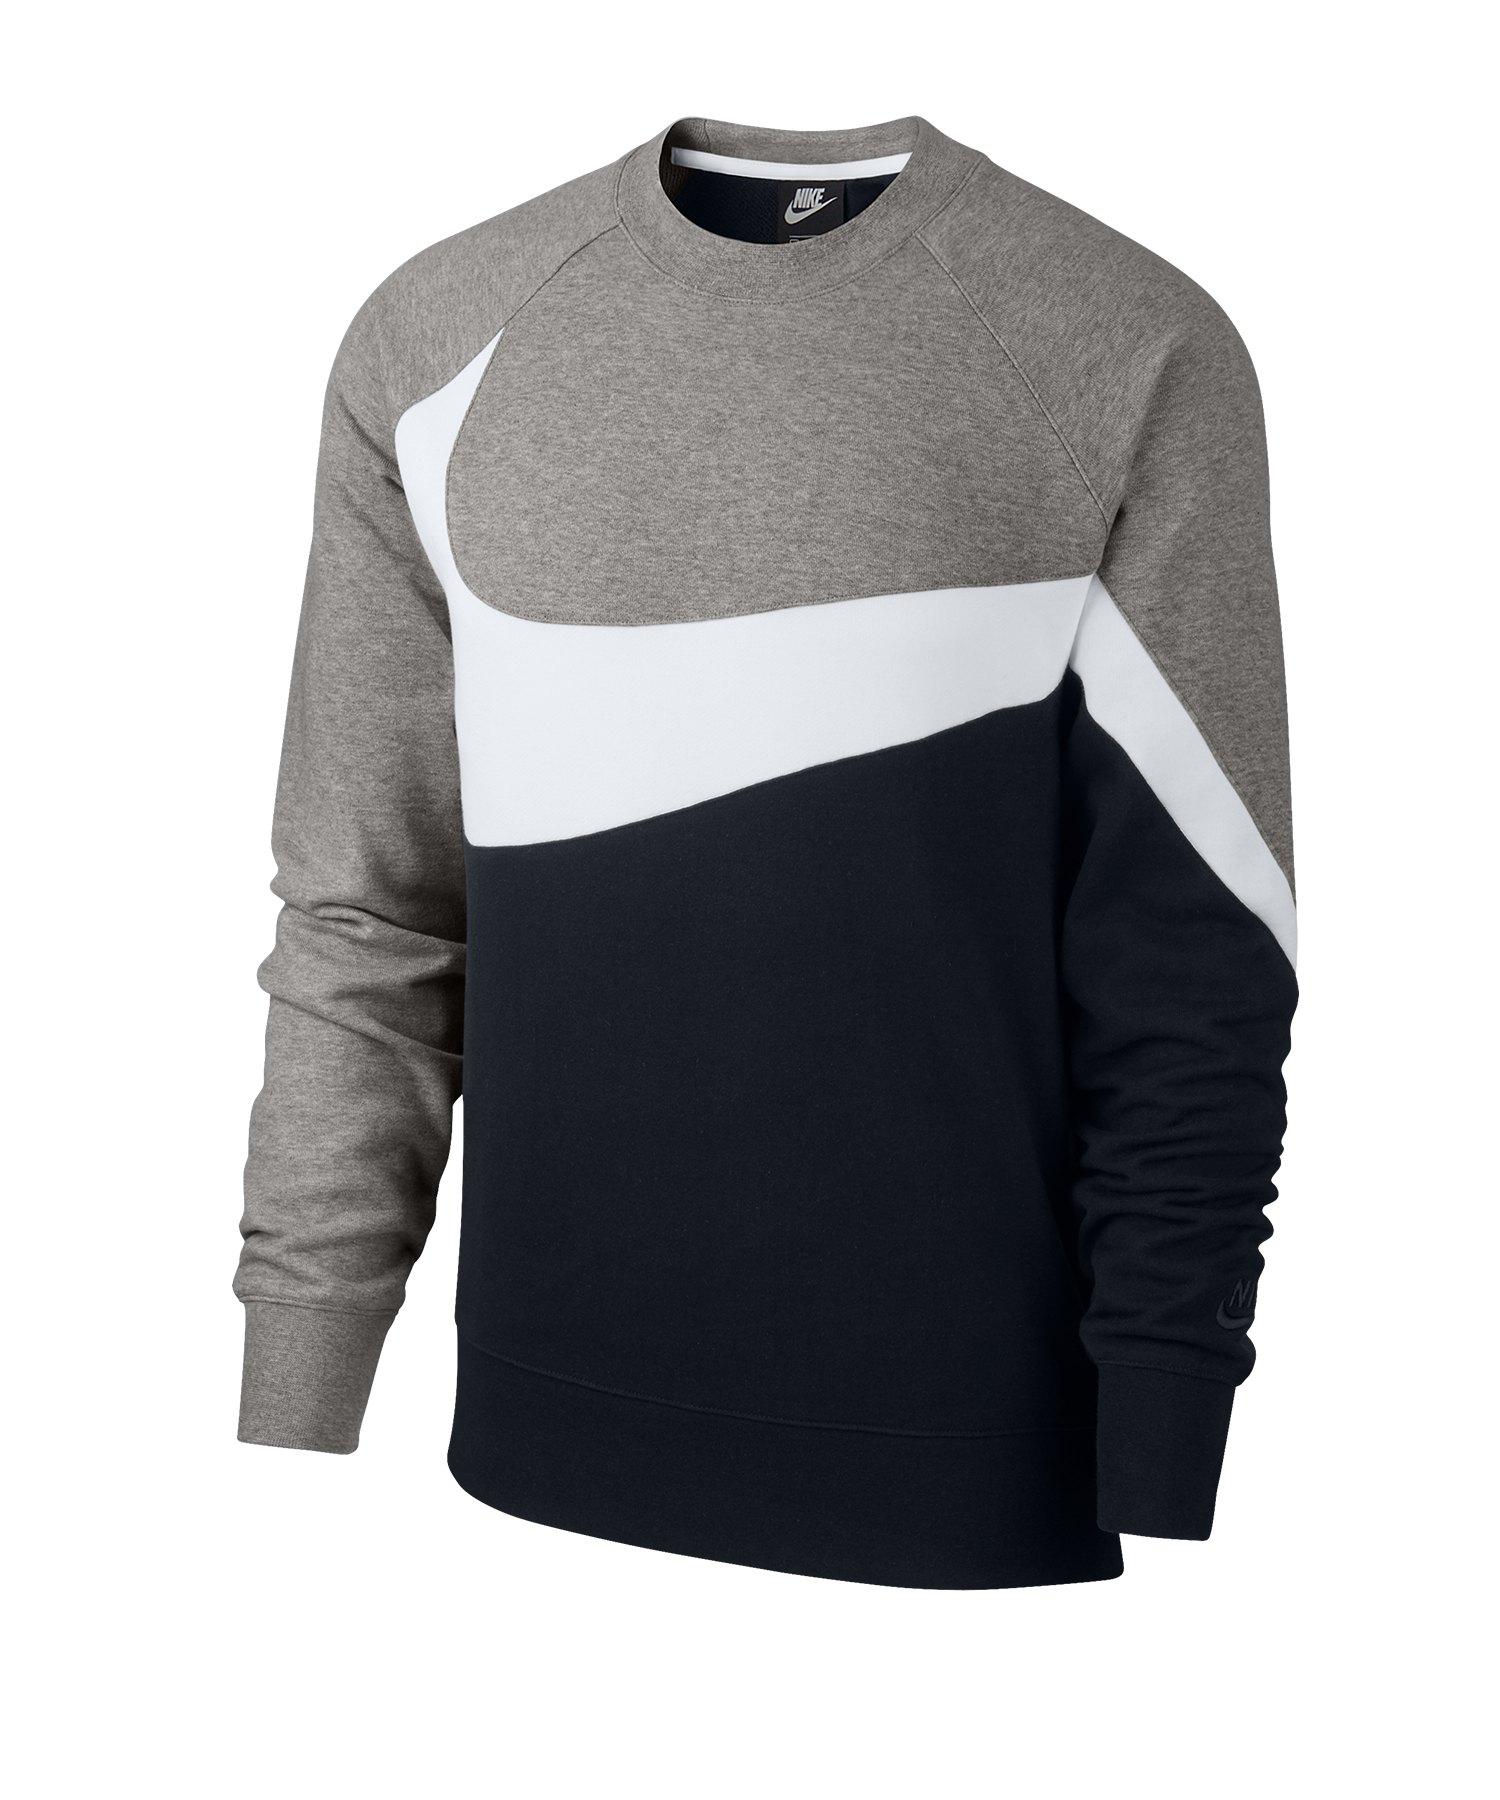 7f0a3a797c Nike Statement Crew Sweatshirt Schwarz F011  Lifestyle   Freizeit ...